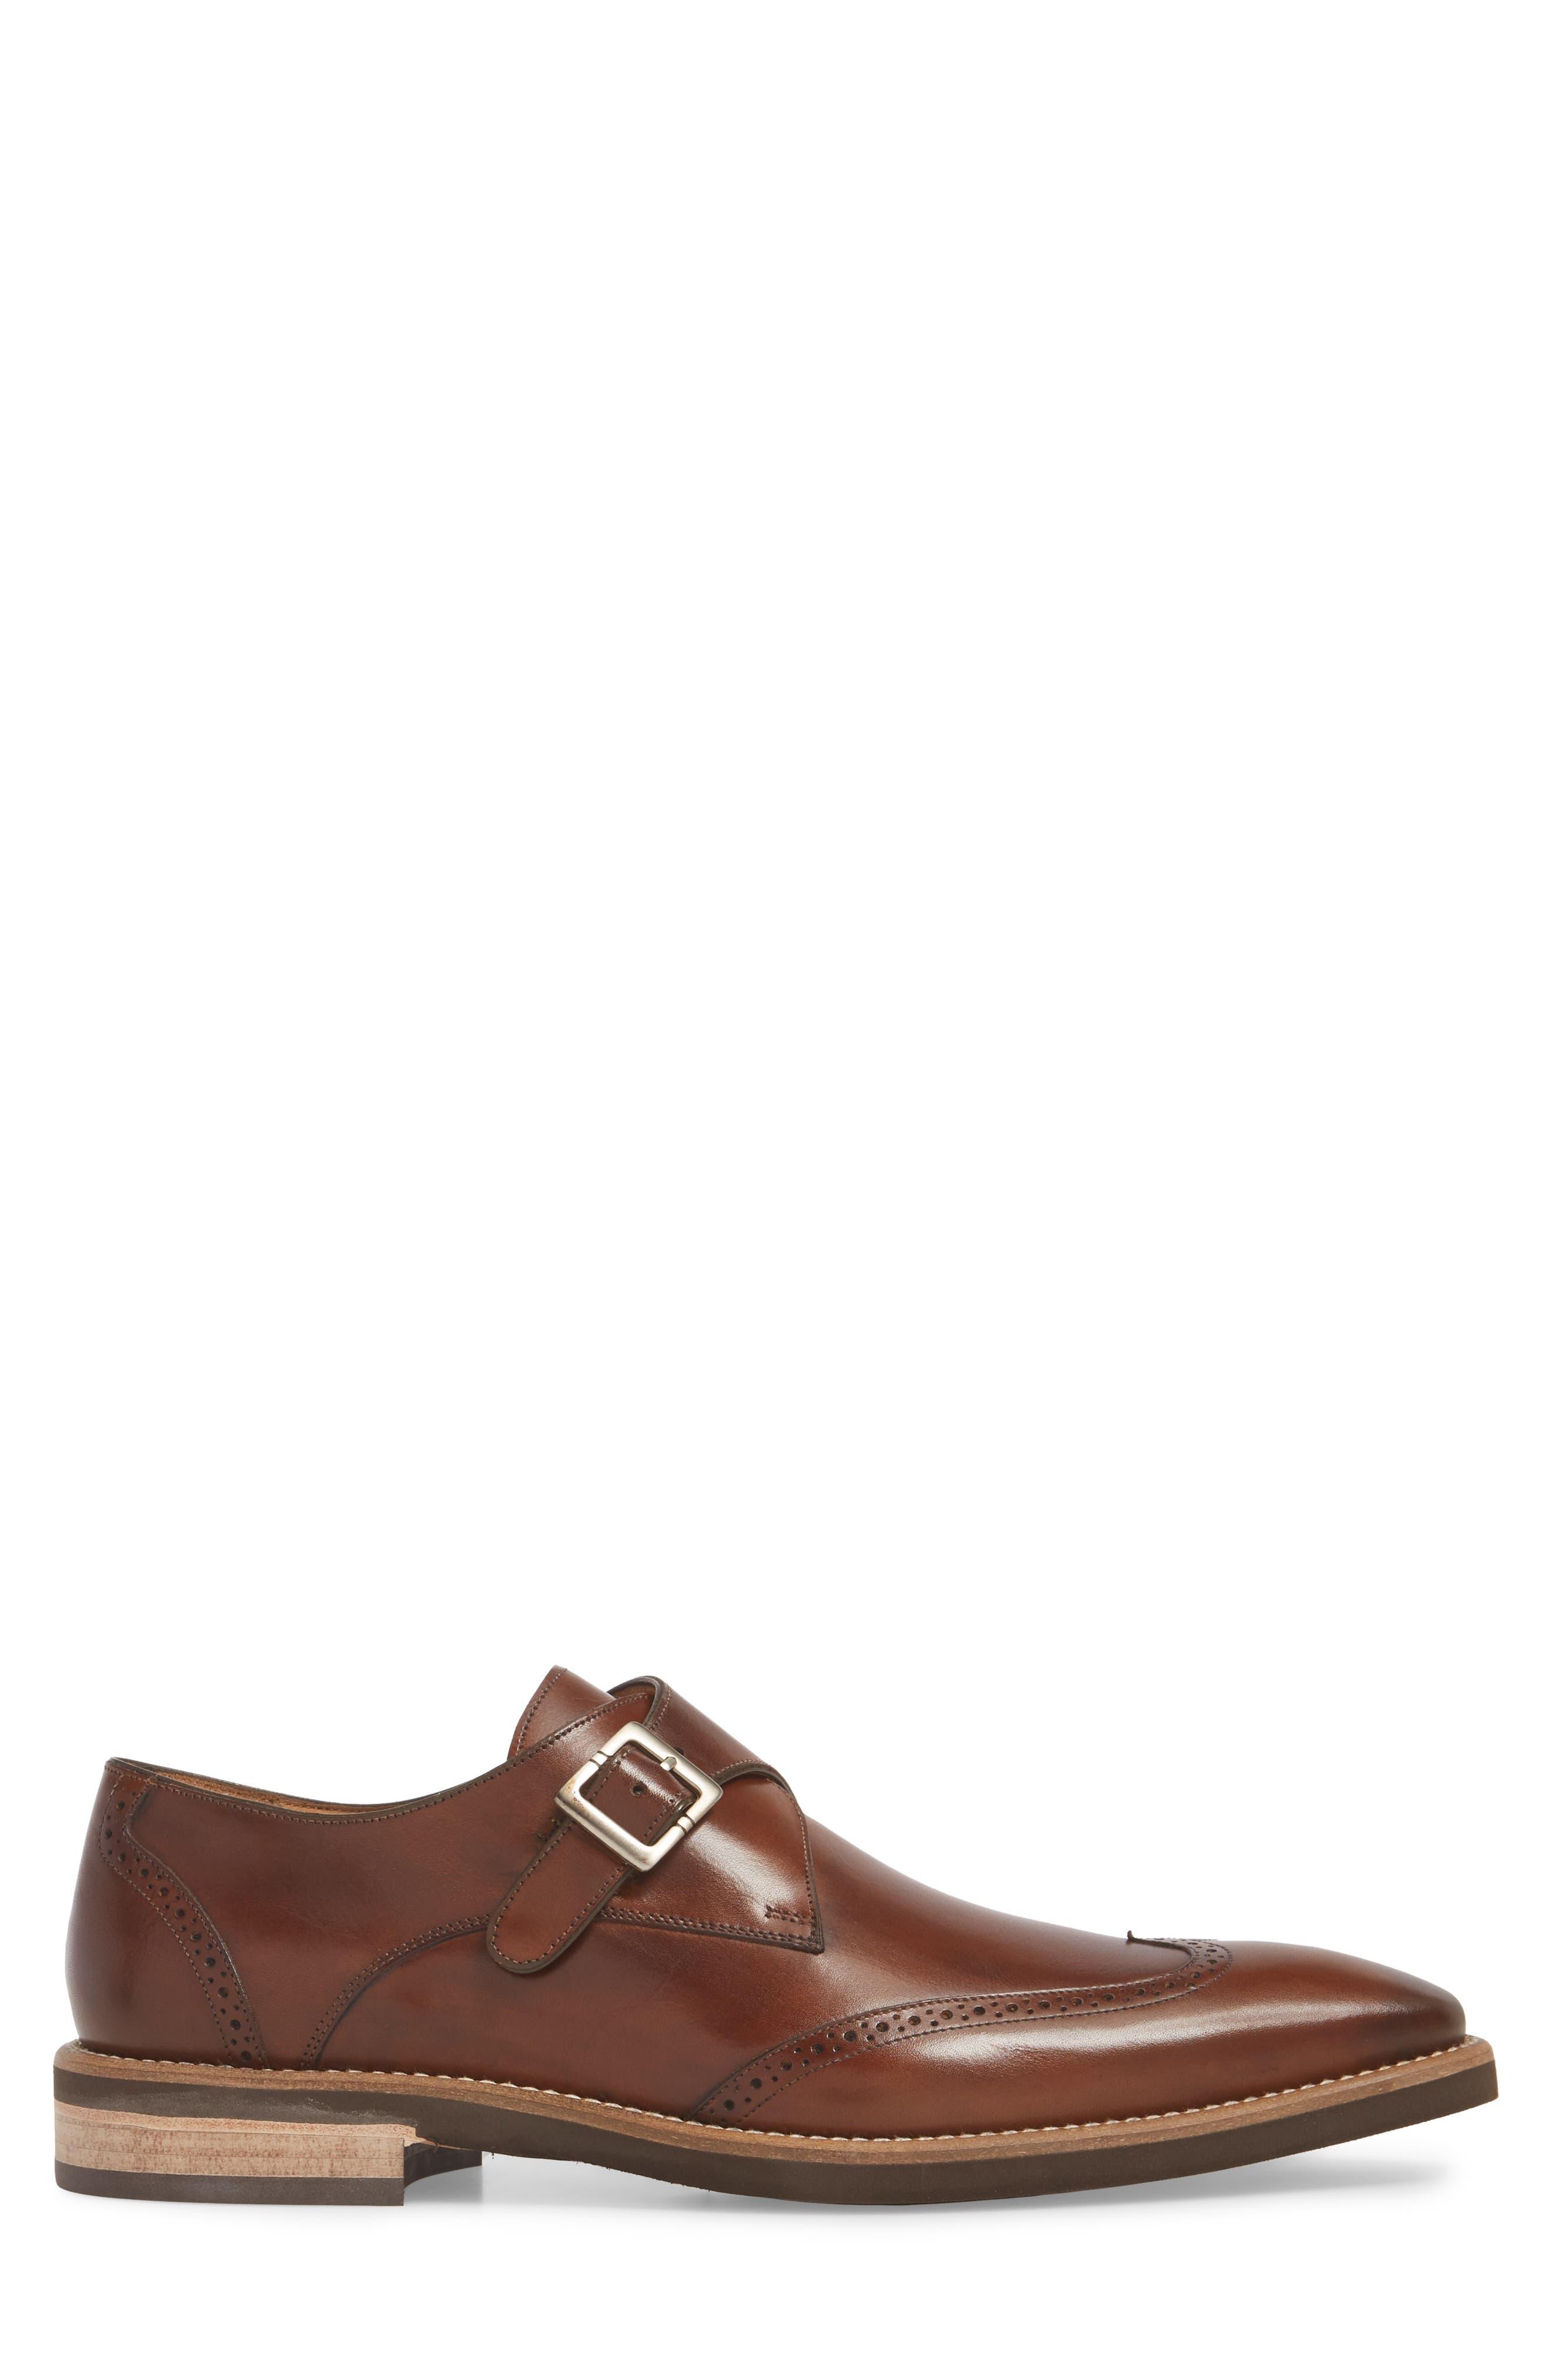 MEZLAN, Feresta Wingtip Monk Shoe, Alternate thumbnail 3, color, COGNAC